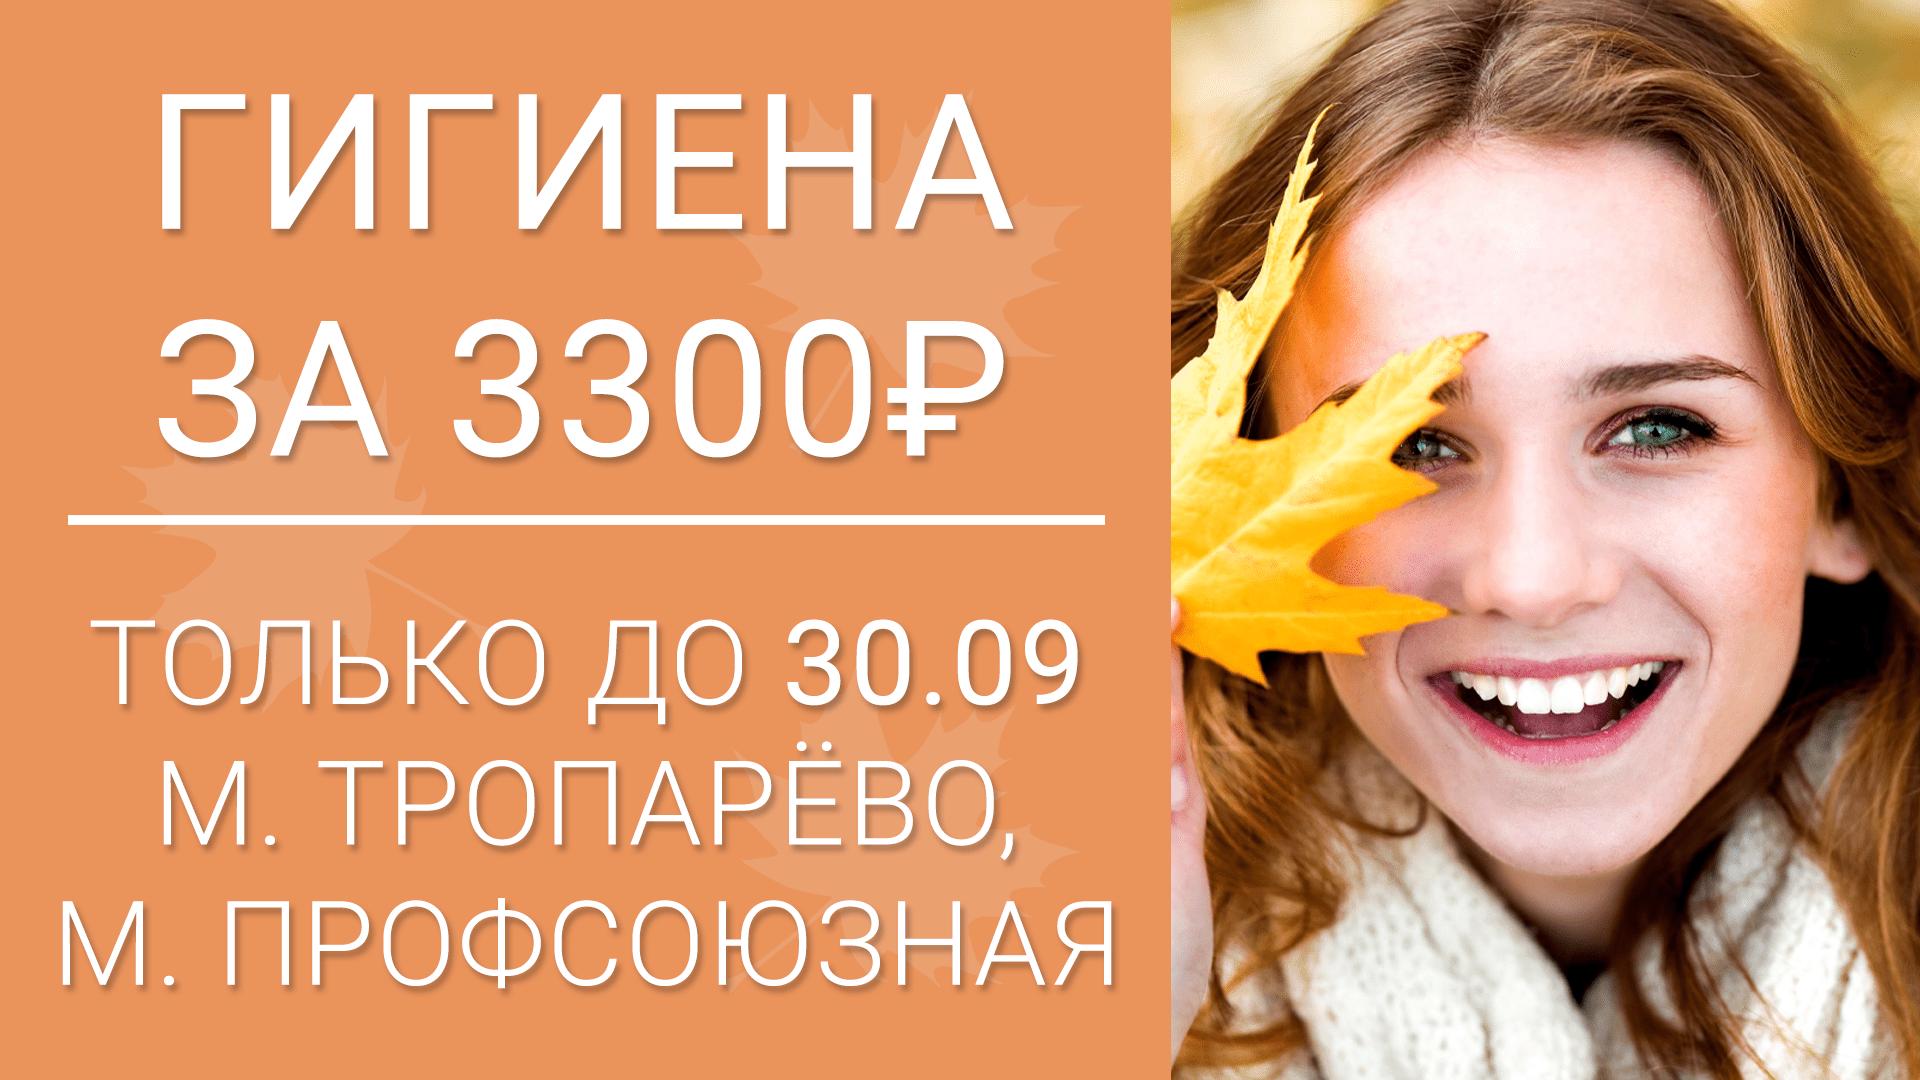 Комплексная профгигиена за 3300р!